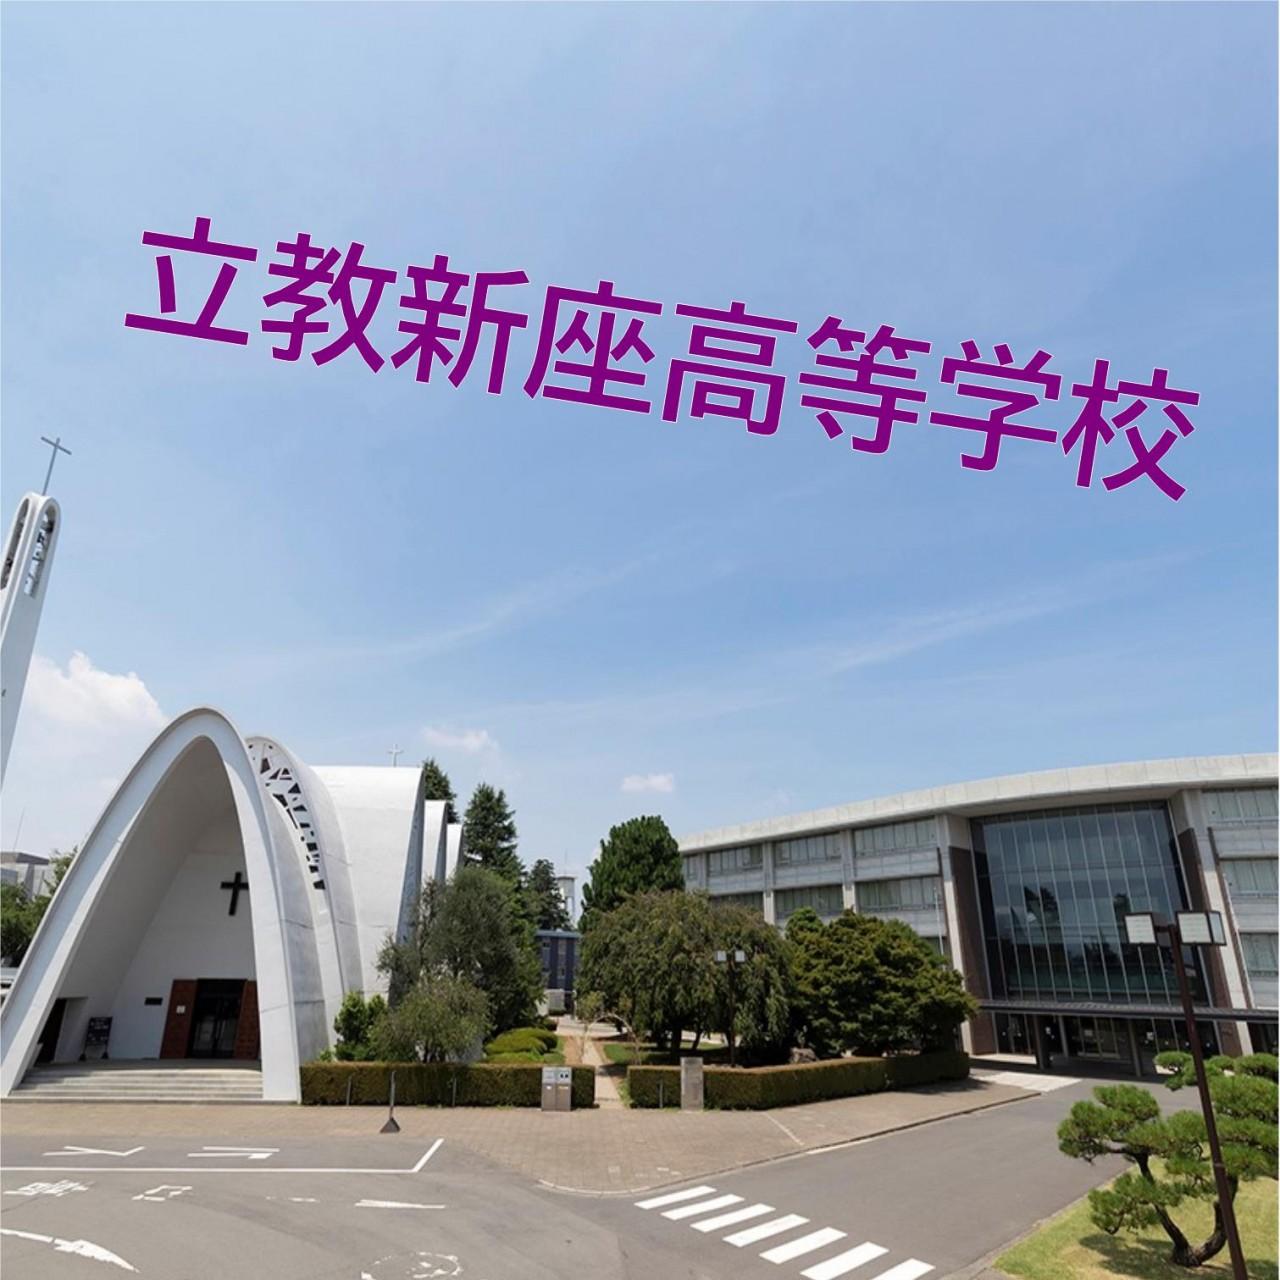 立教新座高校(サムネ)